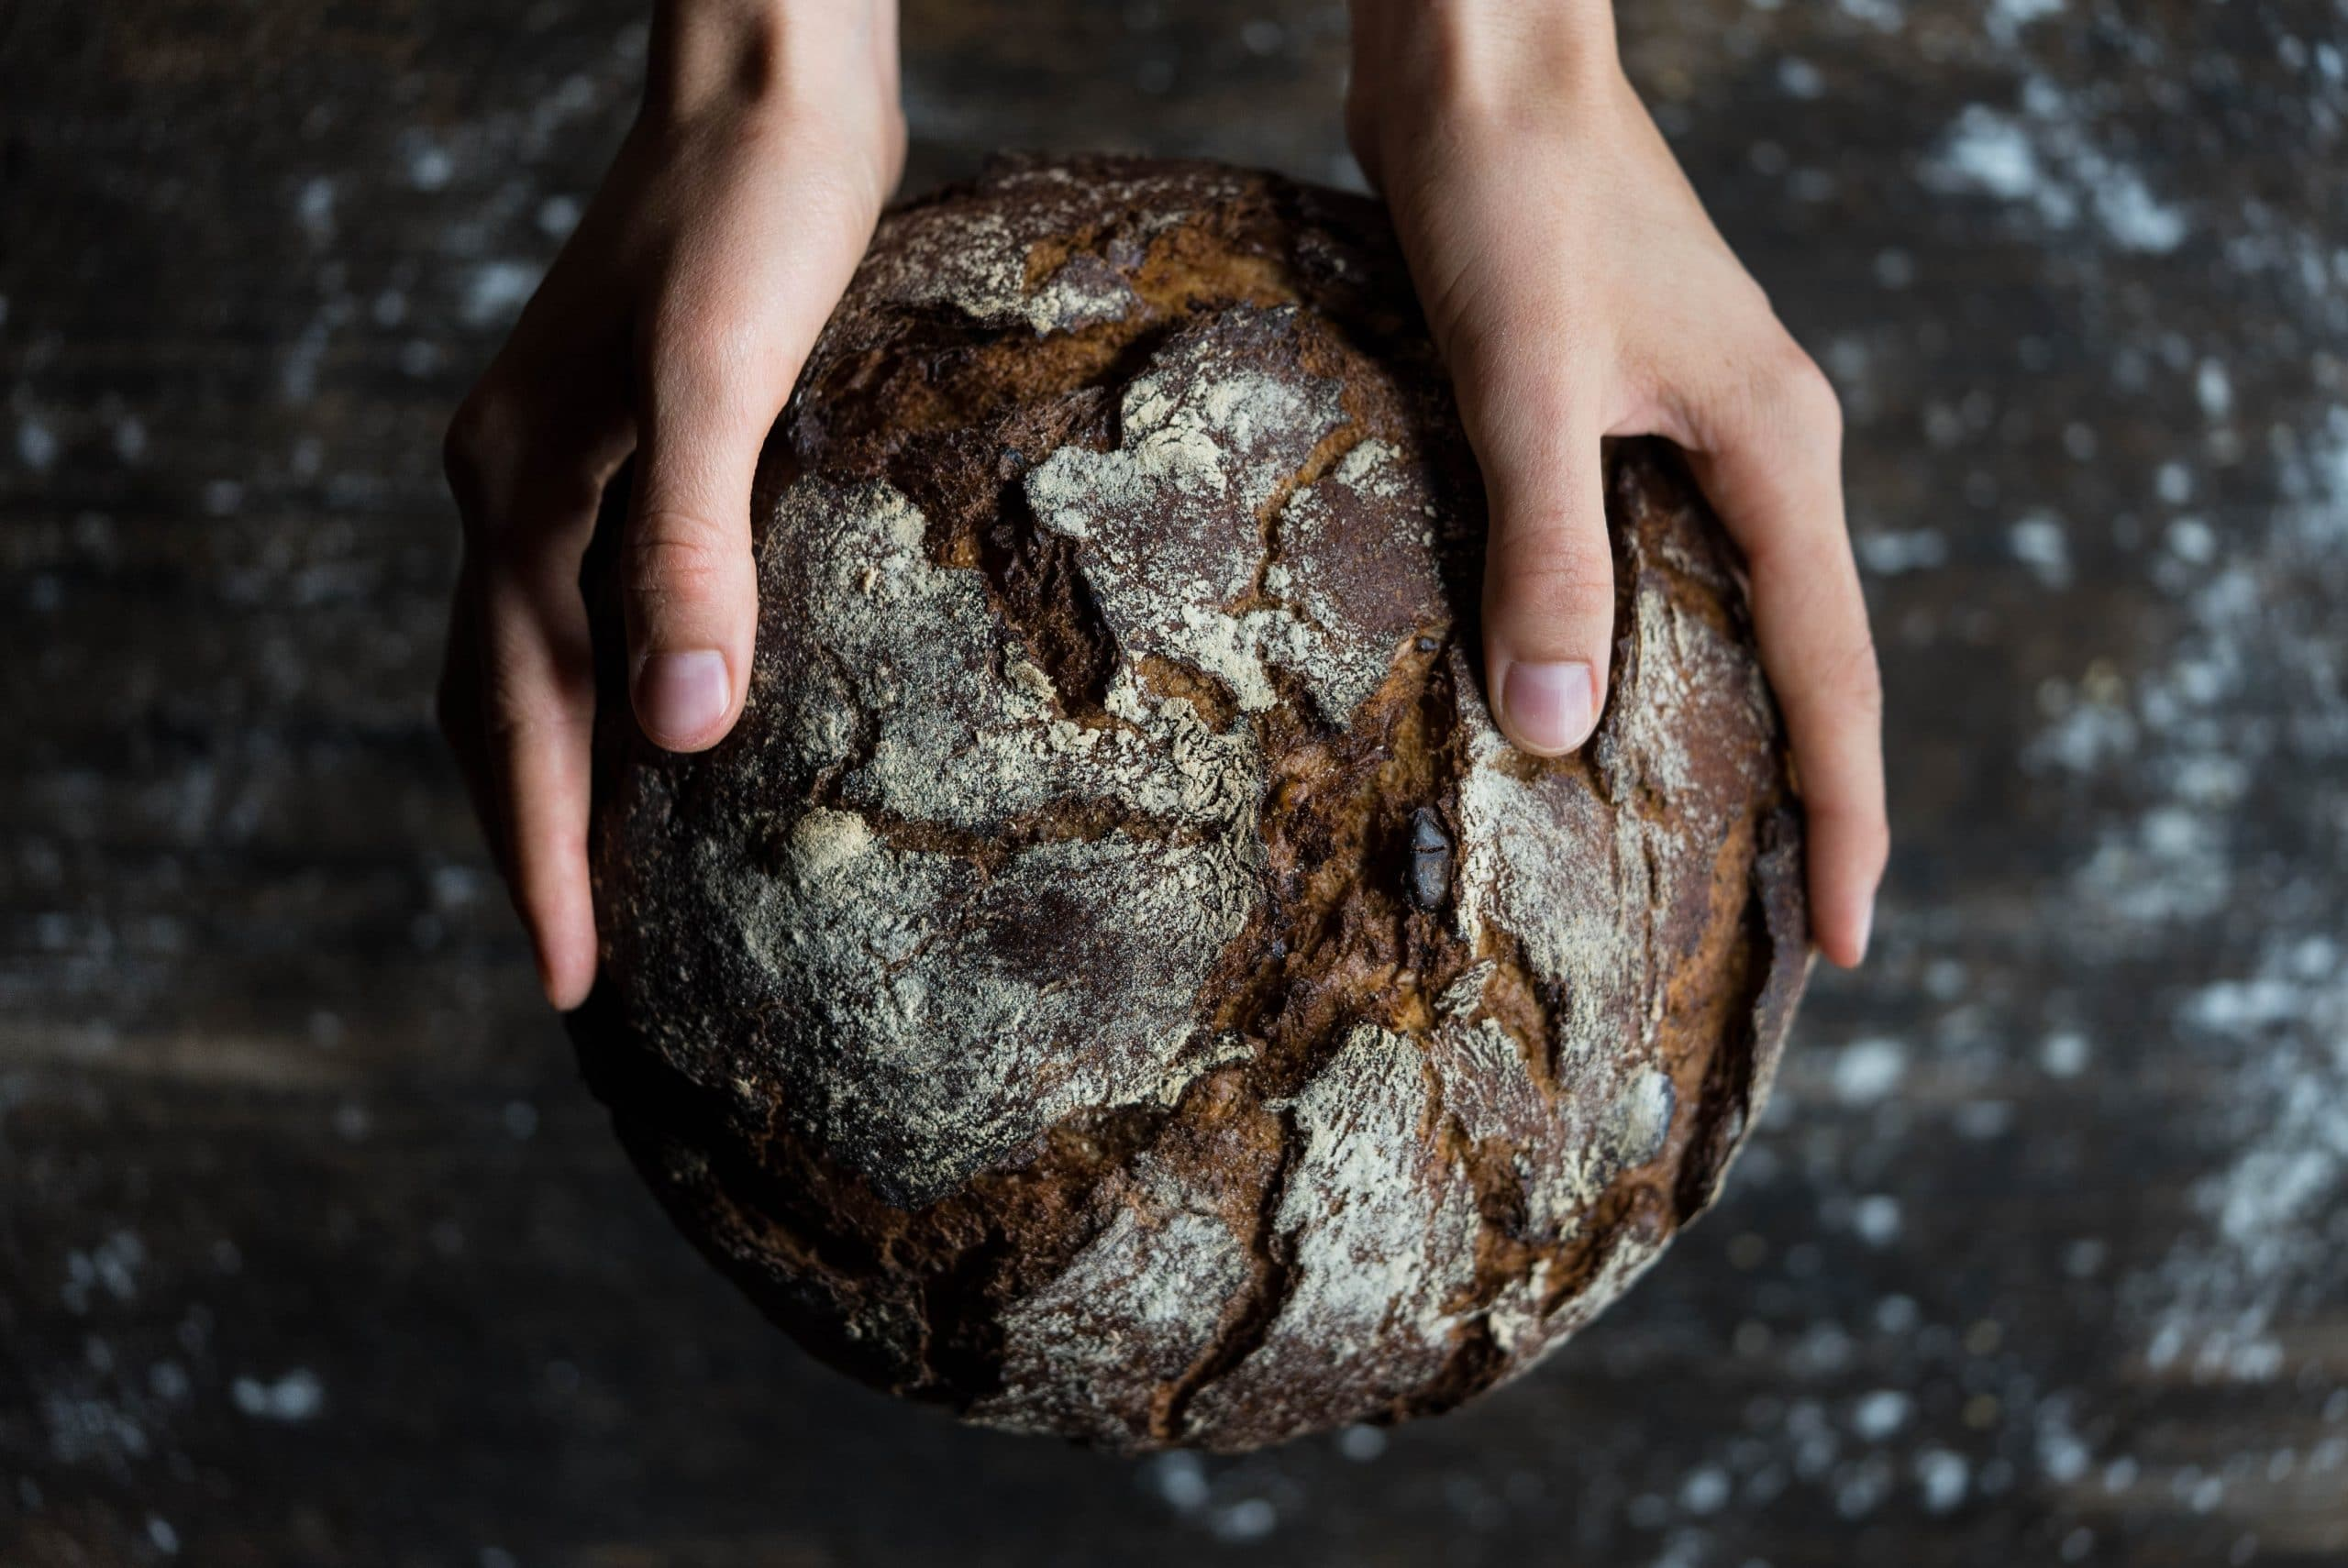 Mãos segurando uma pedra com relevos que se assemelham à representação do globo terrestre.